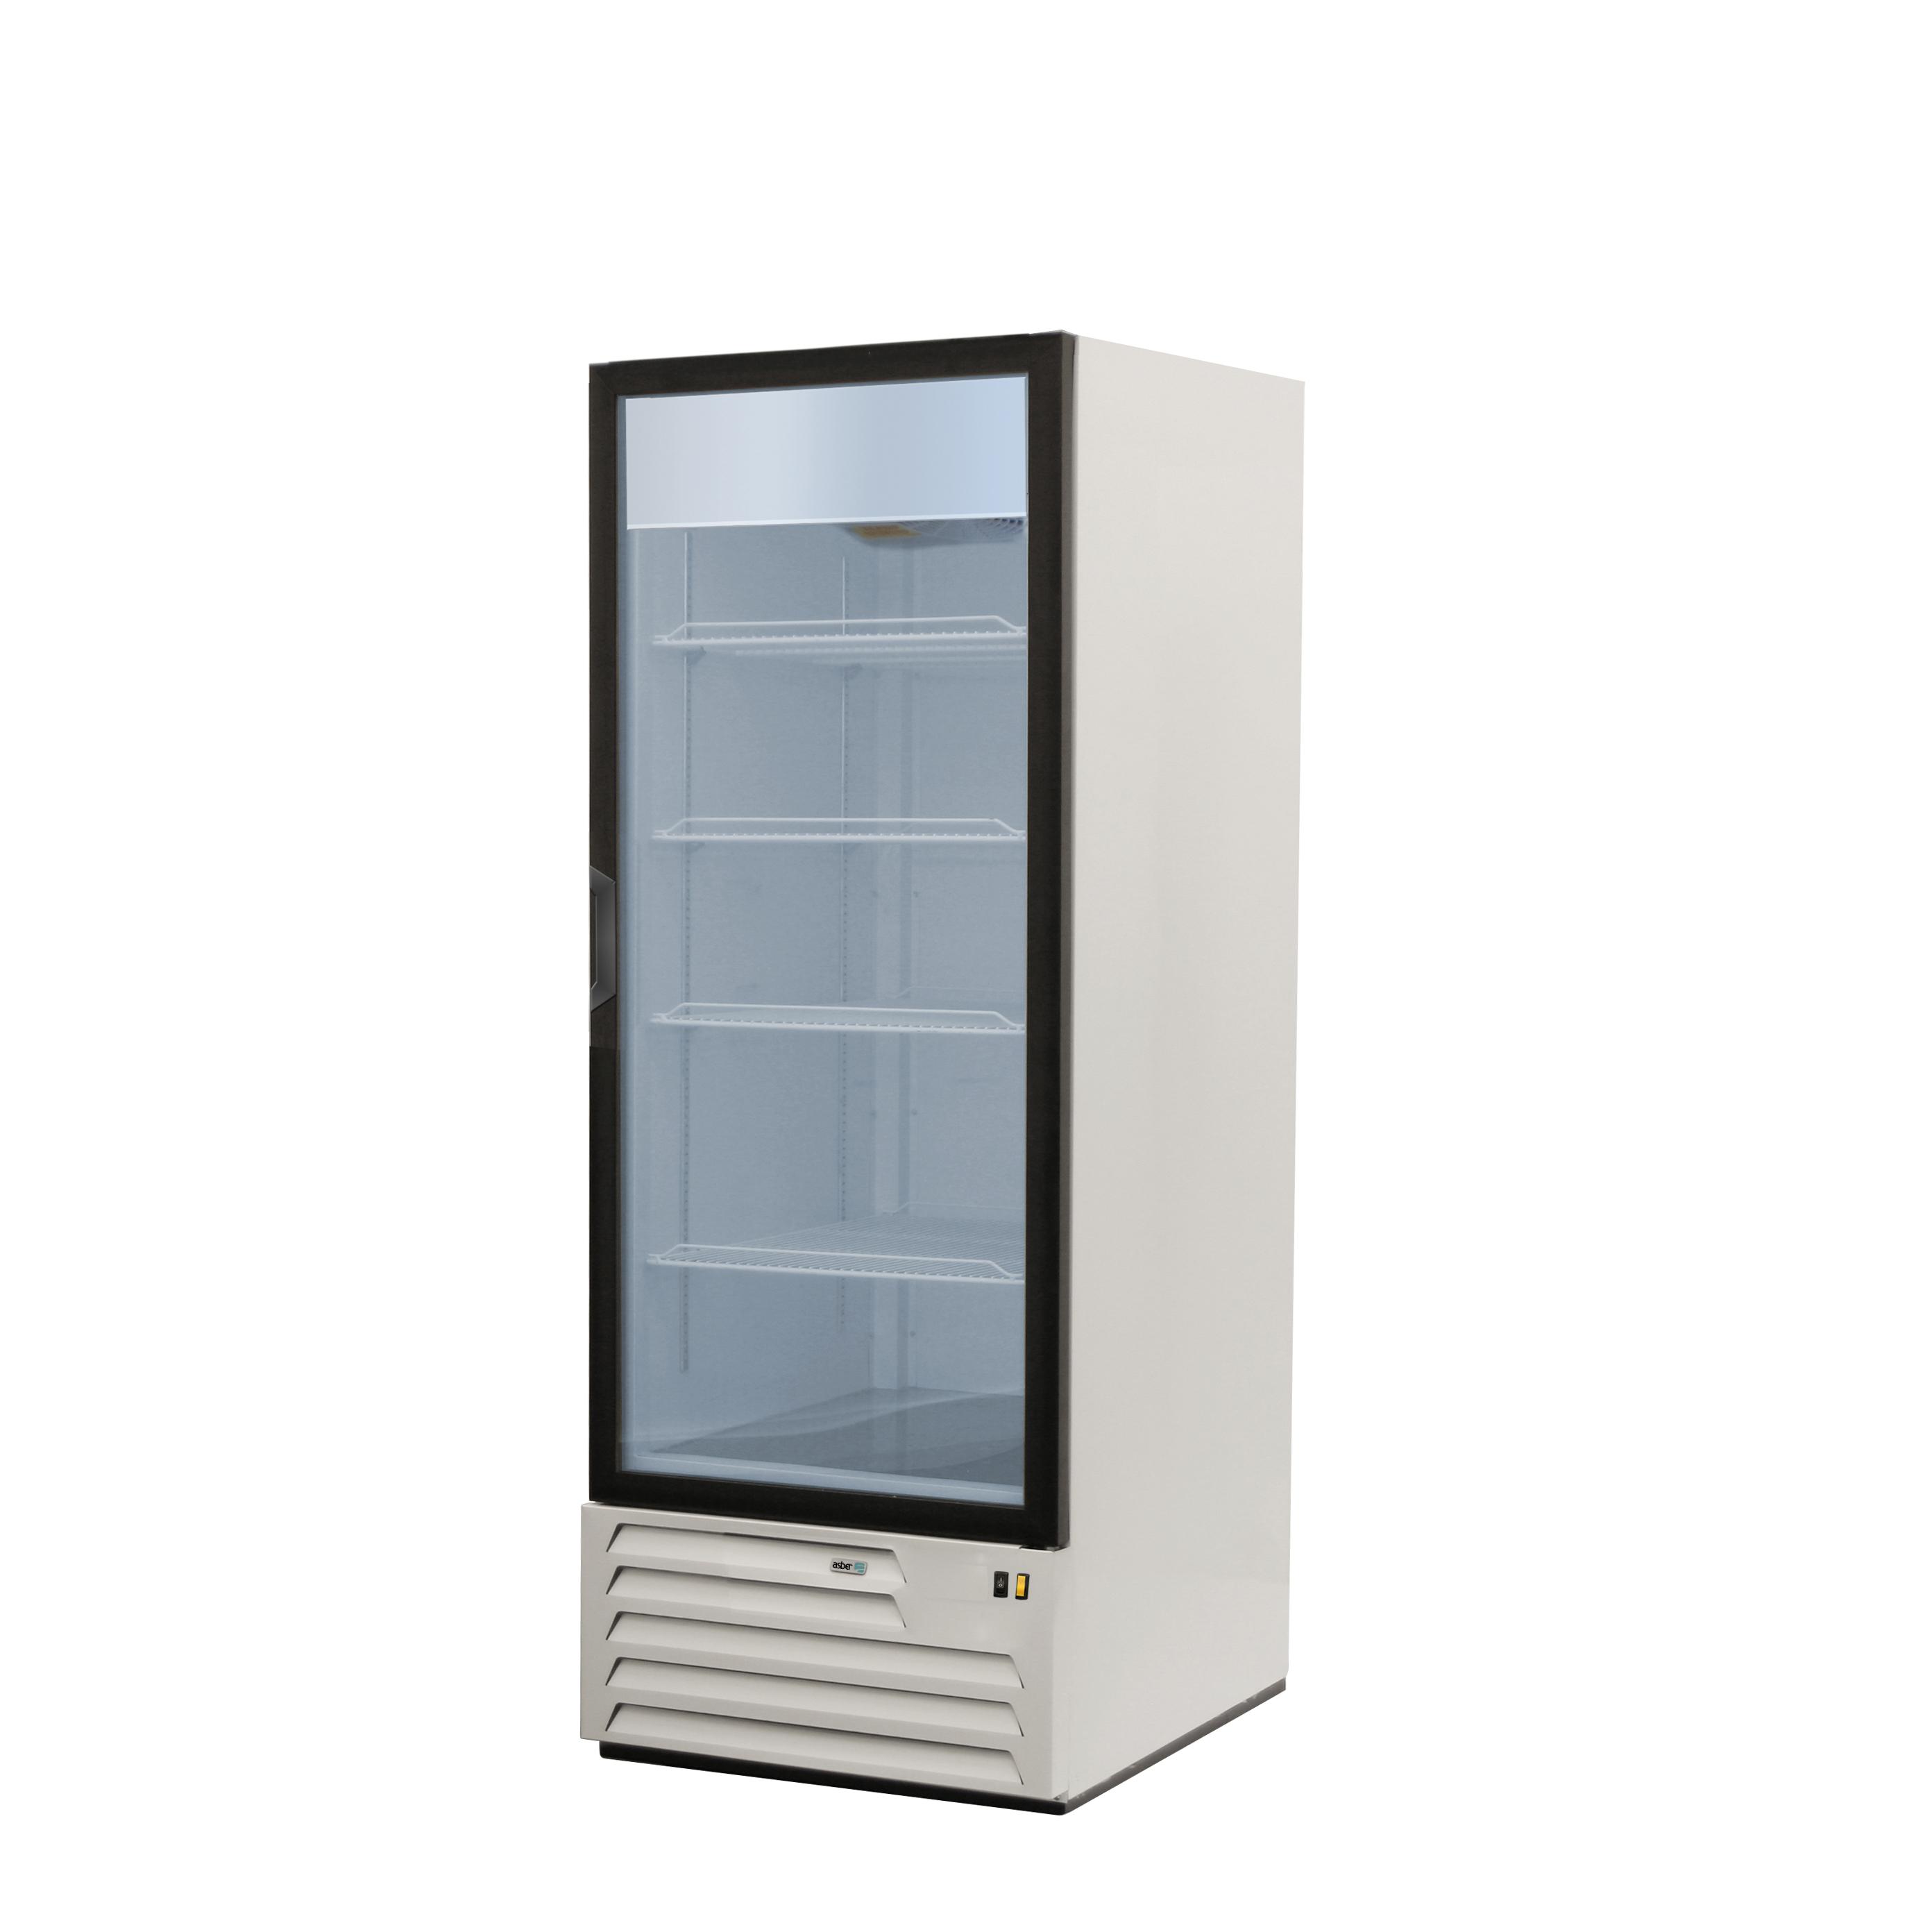 Asber ARM-17A refrigerator, merchandiser